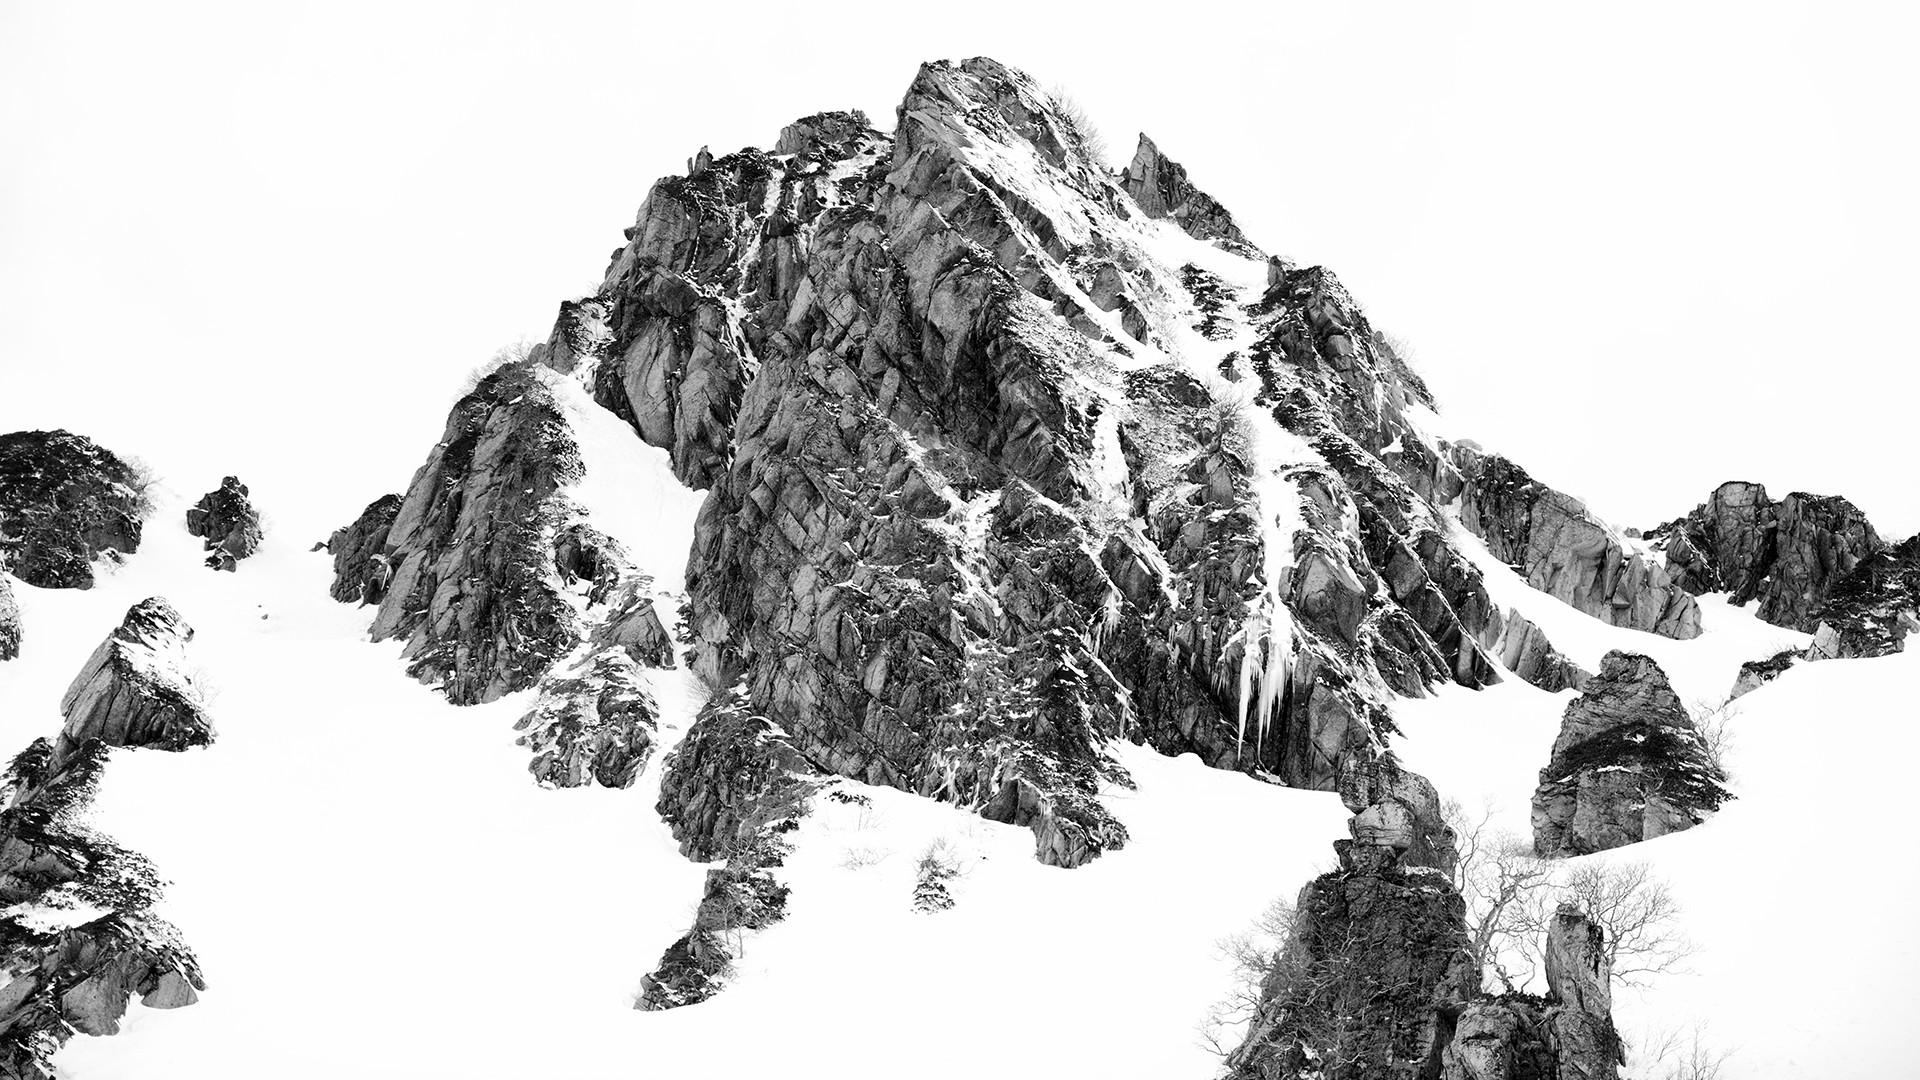 fond d 39 cran paysage dessin montagnes monochrome la nature neige branche arbre. Black Bedroom Furniture Sets. Home Design Ideas